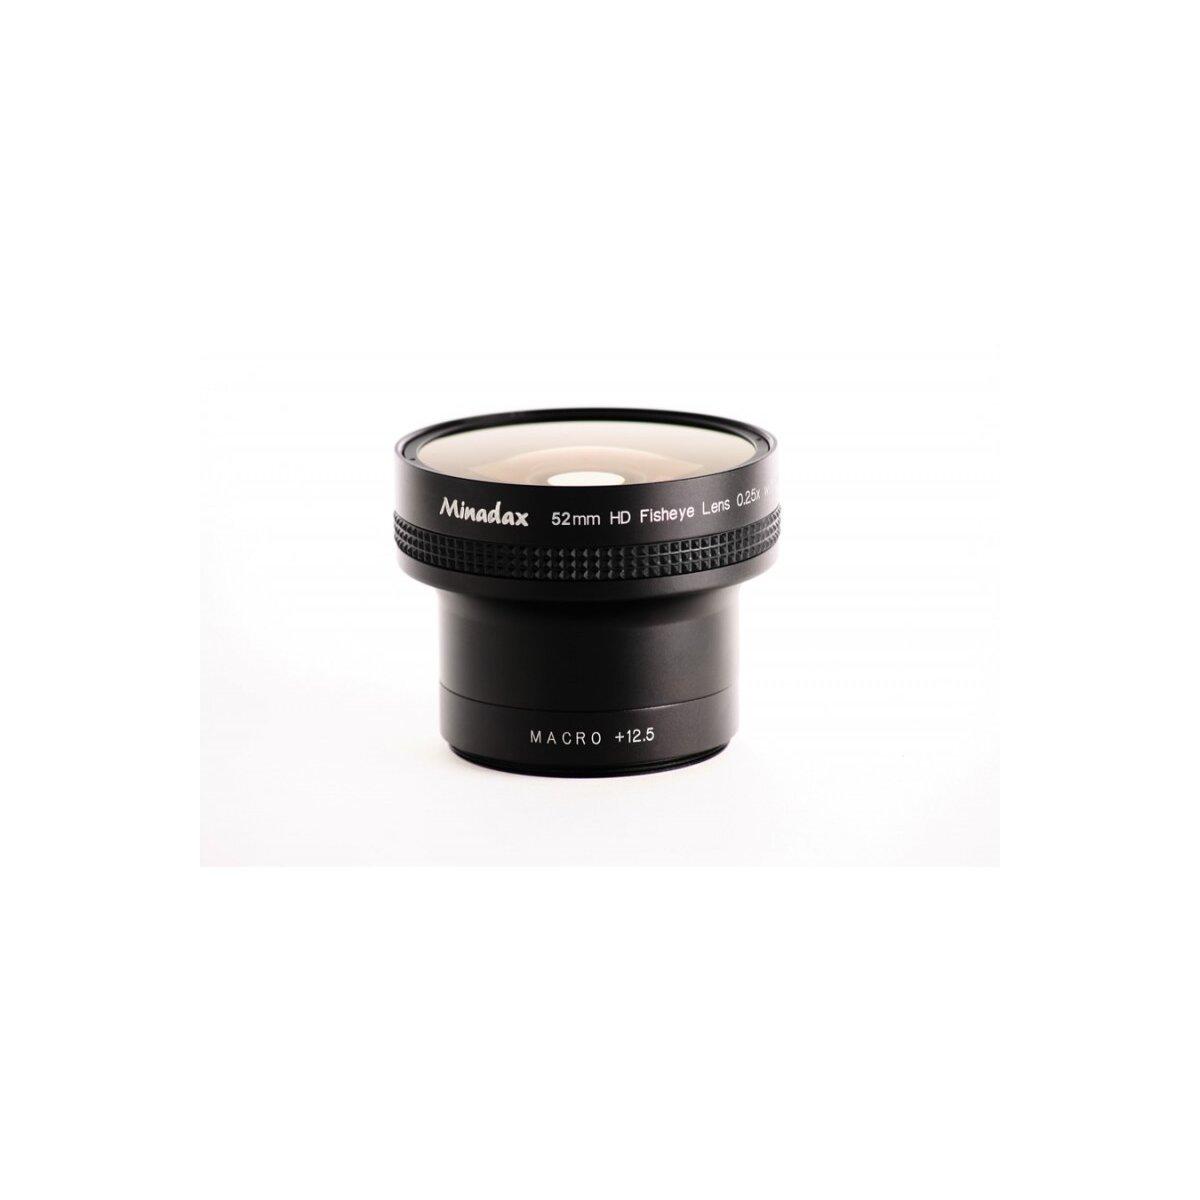 0.25x Minadax Fisheye Vorsatz Kodak Z700 - in schwarz